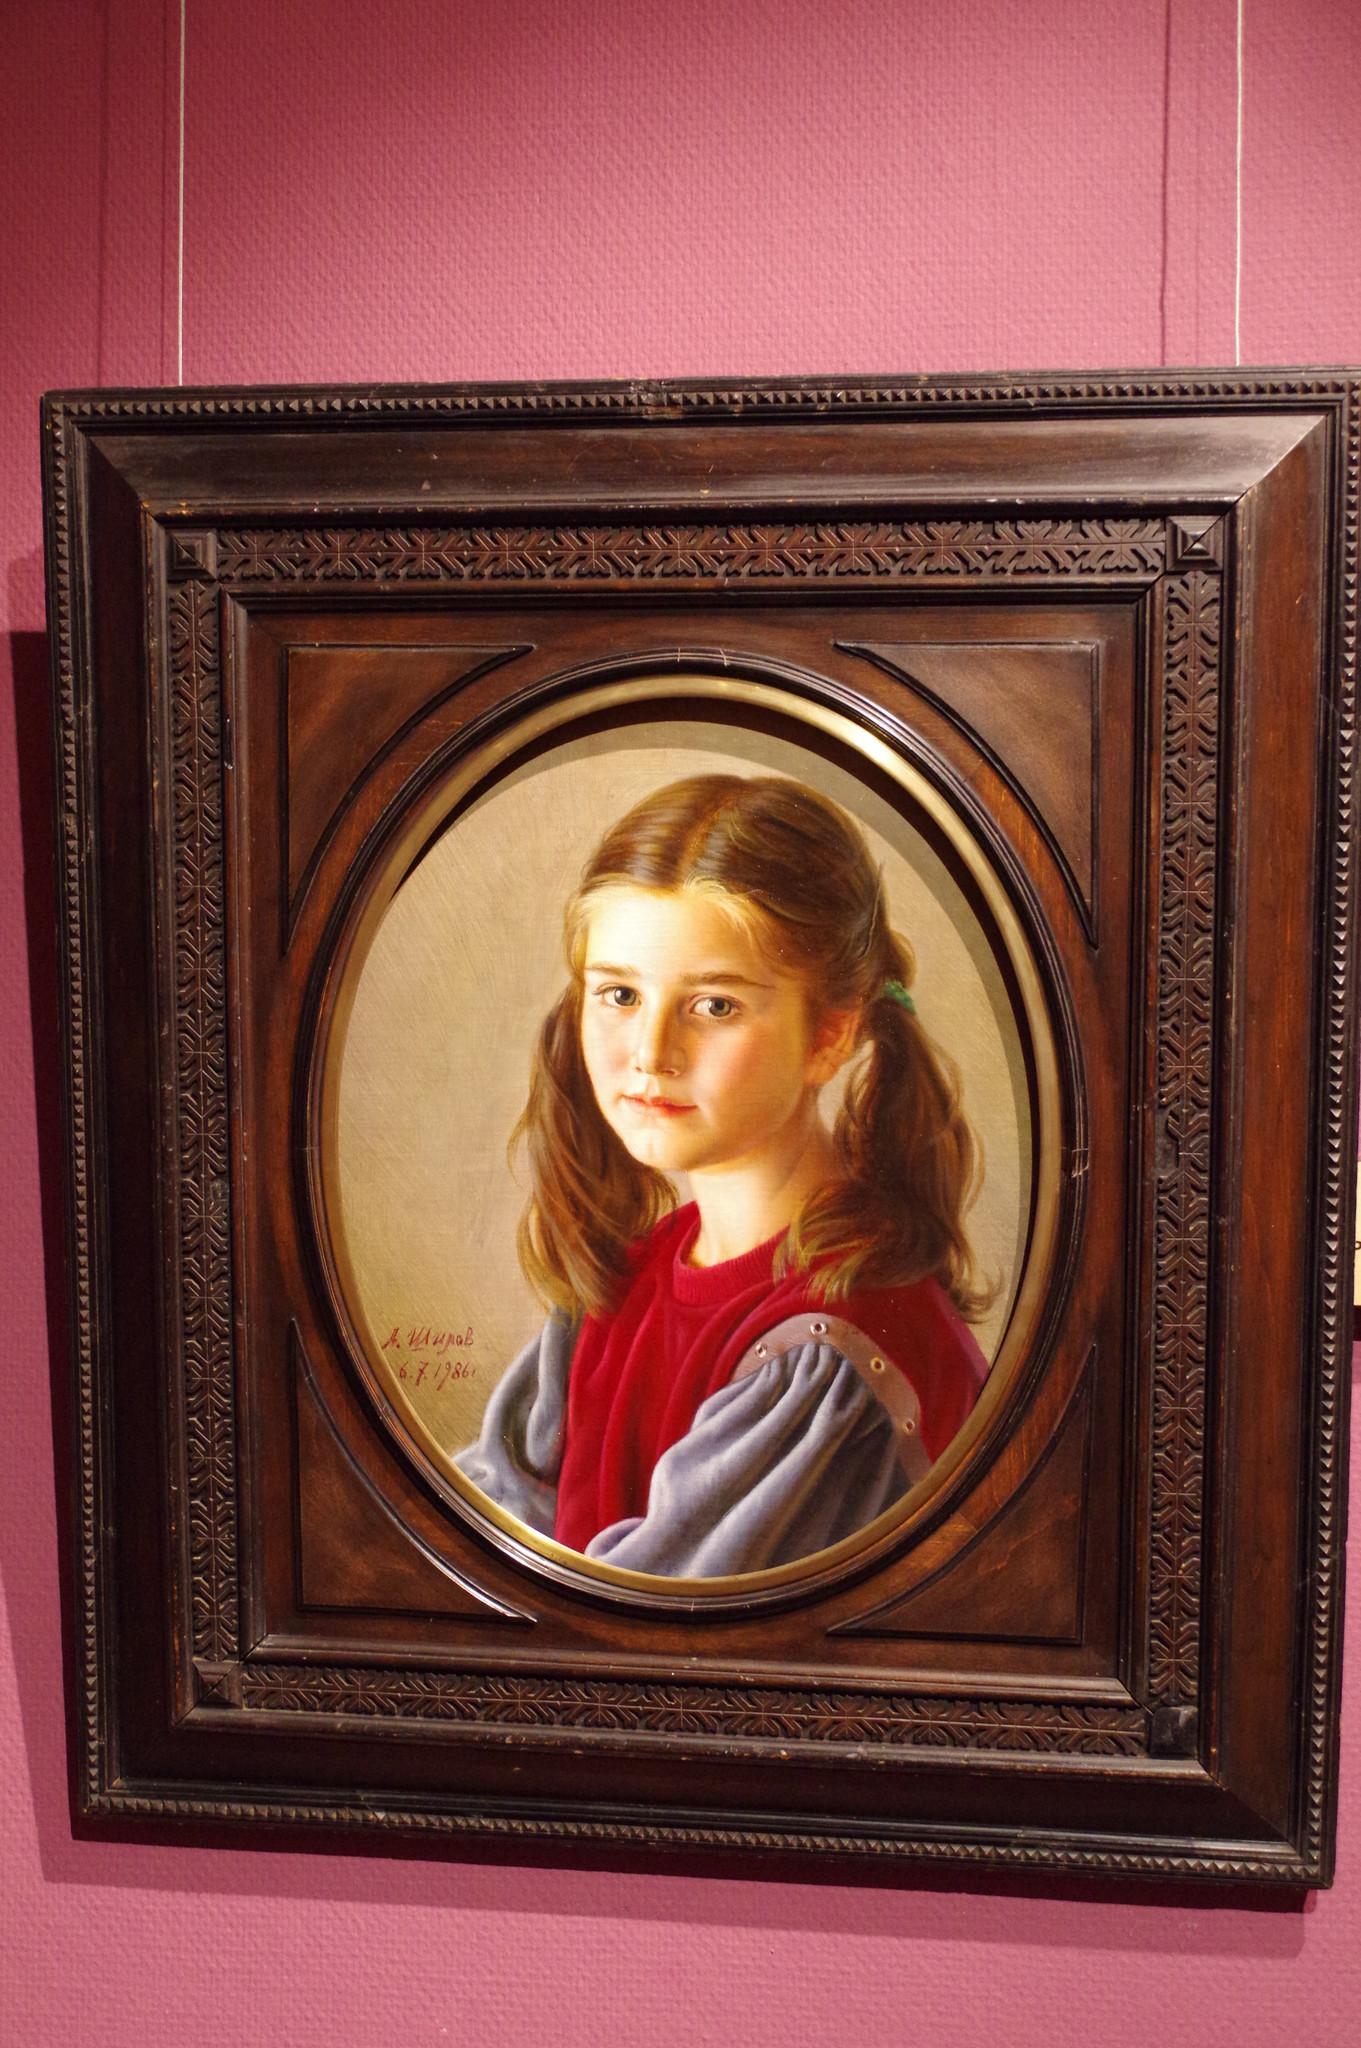 Портрет дочери. Александр Шилов, бумага, пастель, 1986